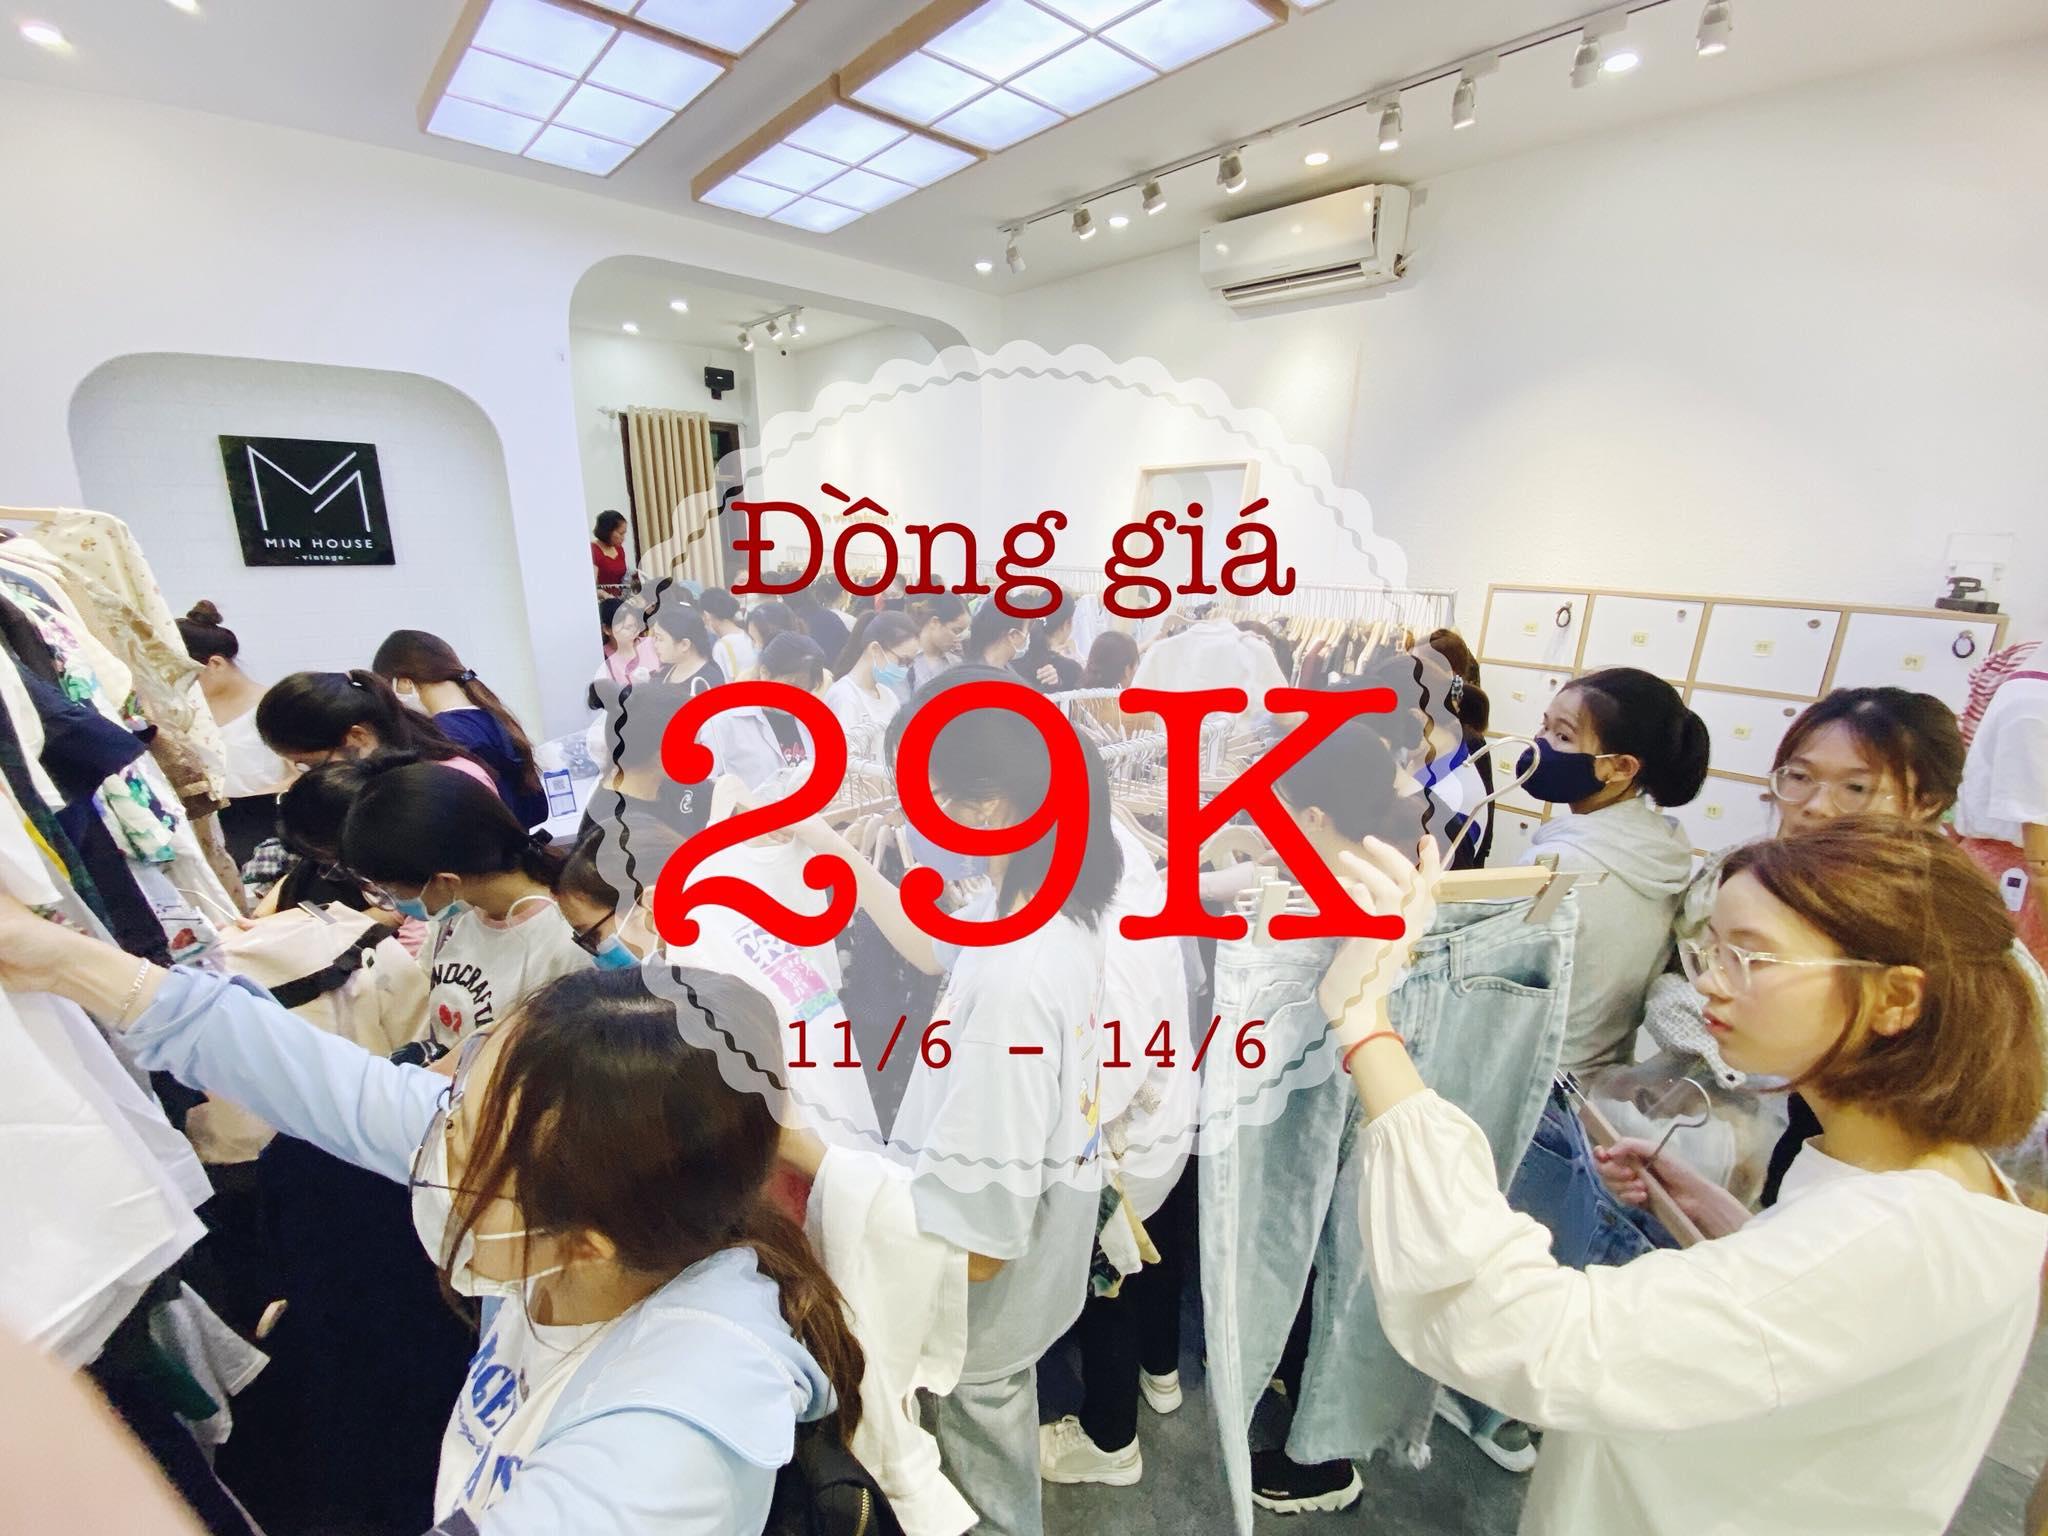 ĐỒNG GIÁ 29K / sản phẩm TẤT CẢ CÁC MẶT HÀNG